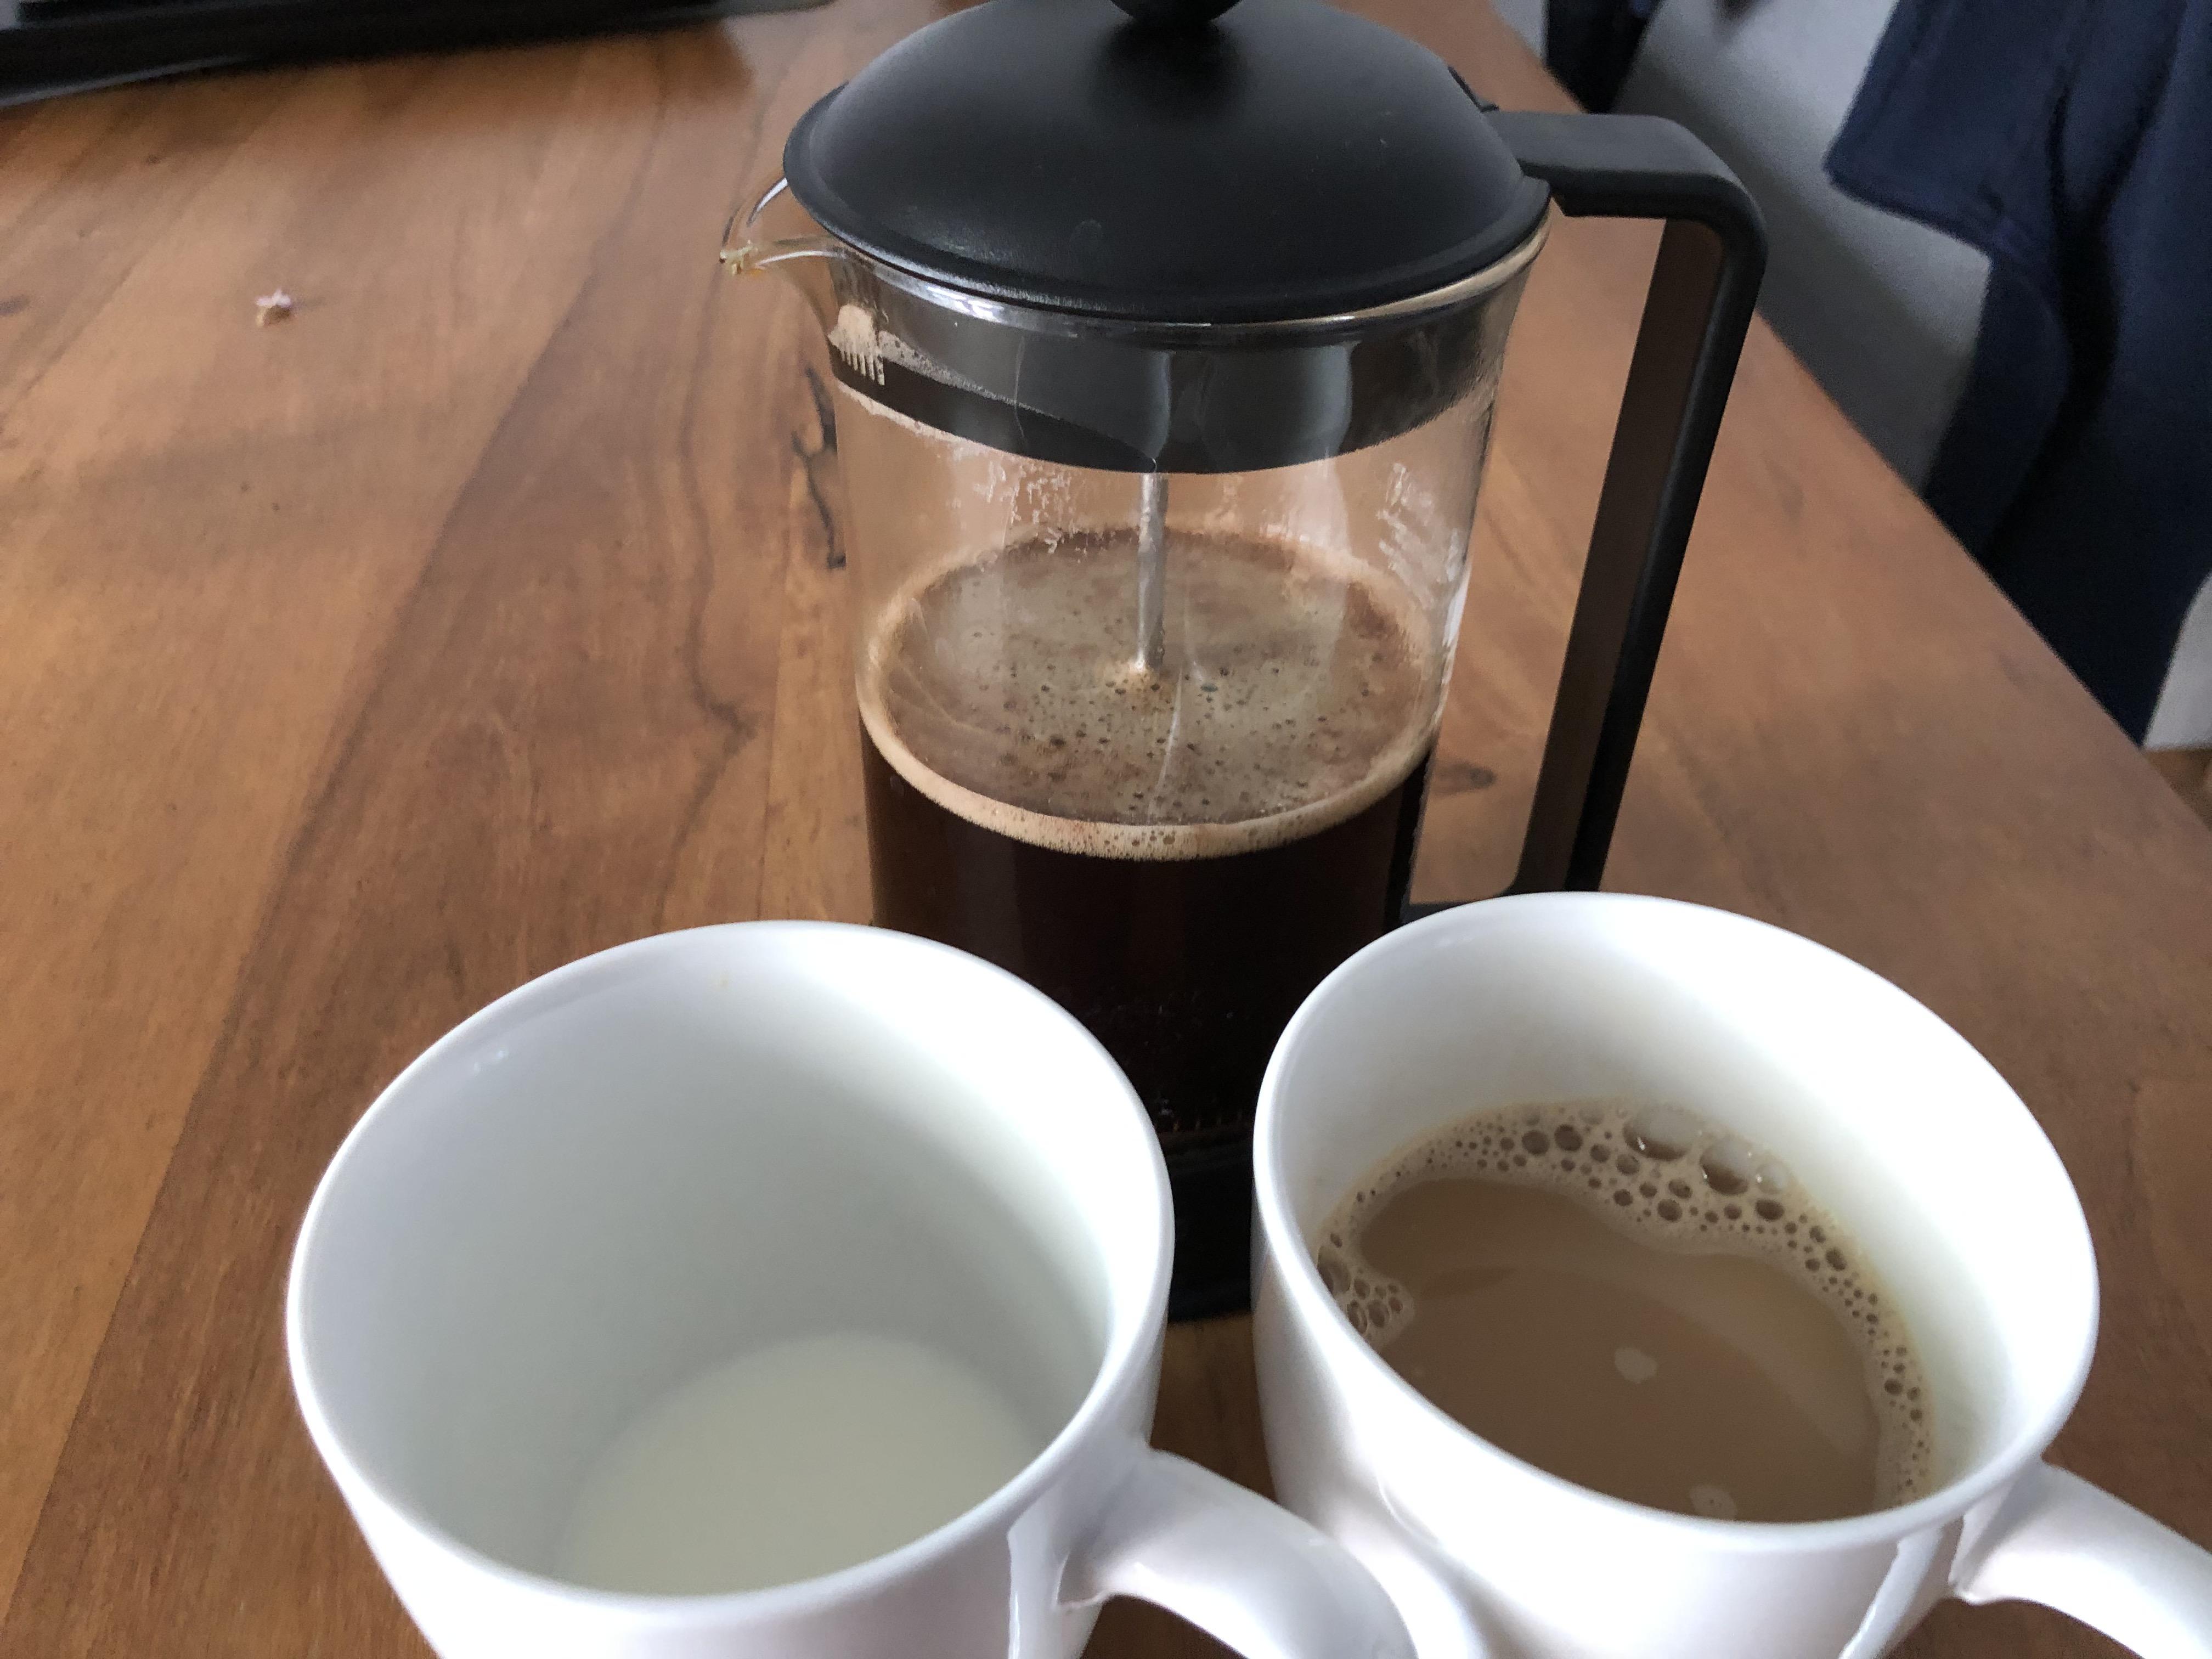 espressobar-thermosflasche-stempelkanne